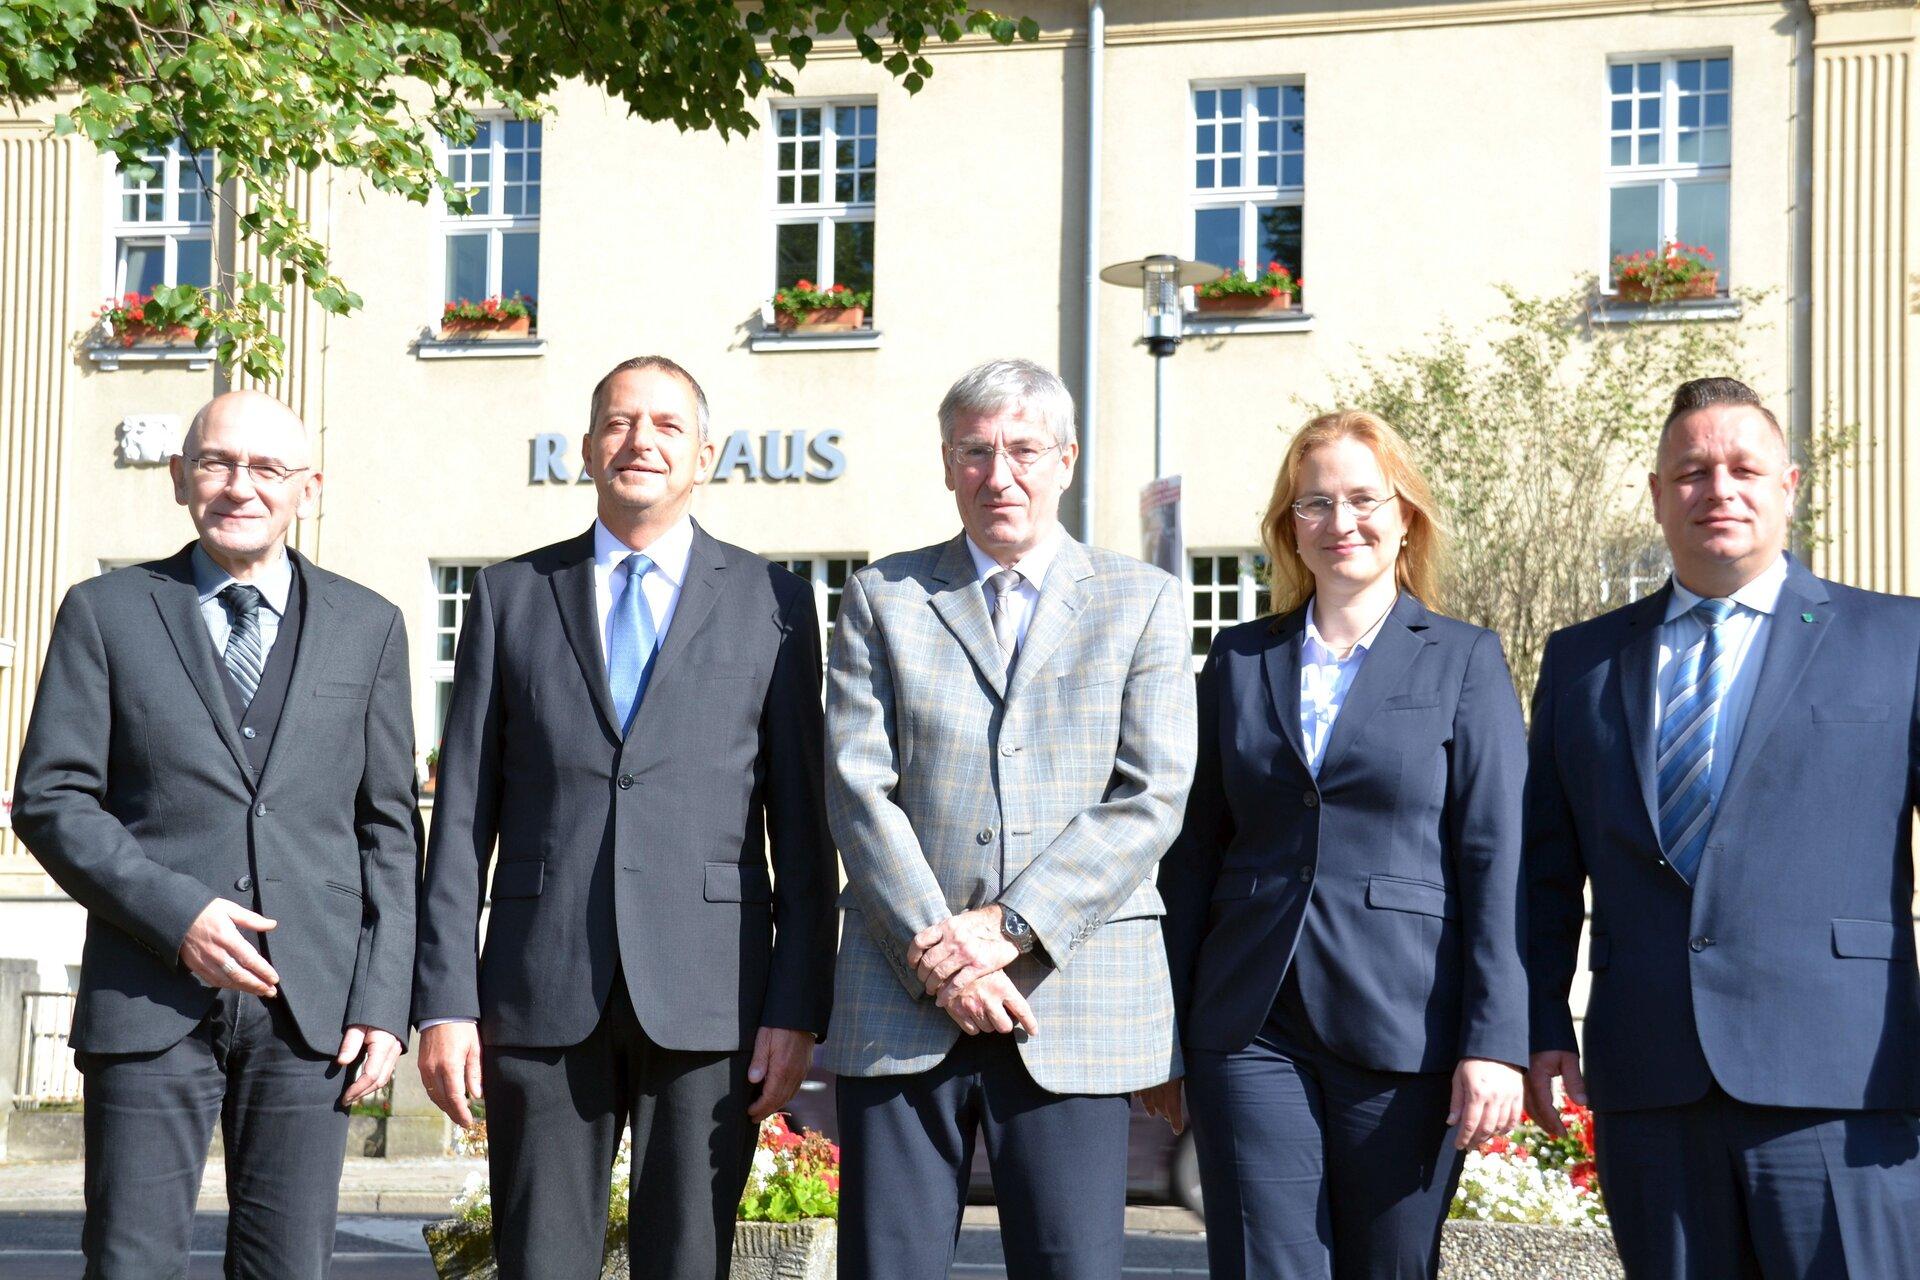 Das Bild zeigt (von links nach rechts) den Dezernenten Dr. Harald Sempf, den 1. Beigeordneten Thomas Zylla, Bürgermeister Heiko Müller, die Beigeordnete Luise Herbst und den Kämmerer Ralf Haase.